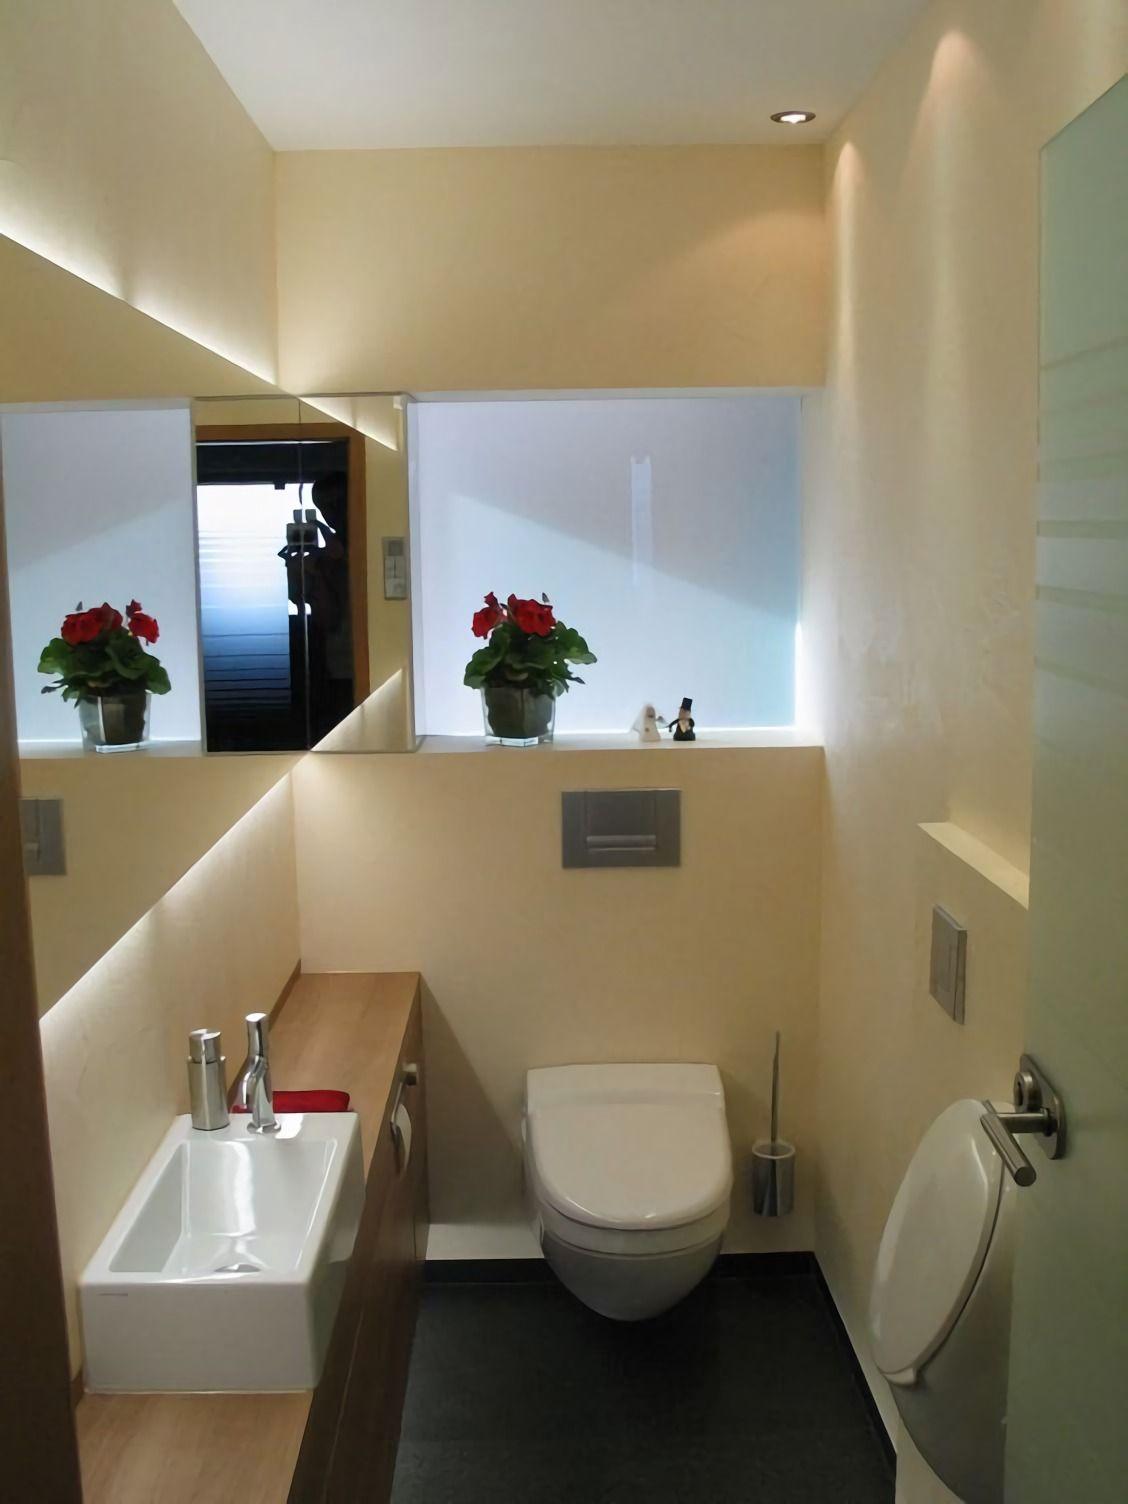 Sende Ein Gast Badezimmer Eine Verjungungskur Und Moderne Badezimmer Bad Ideen Gaste Wc Klein Baderaum Gaste Wc Modern Gaste Wc Kleines Wc Zimmer